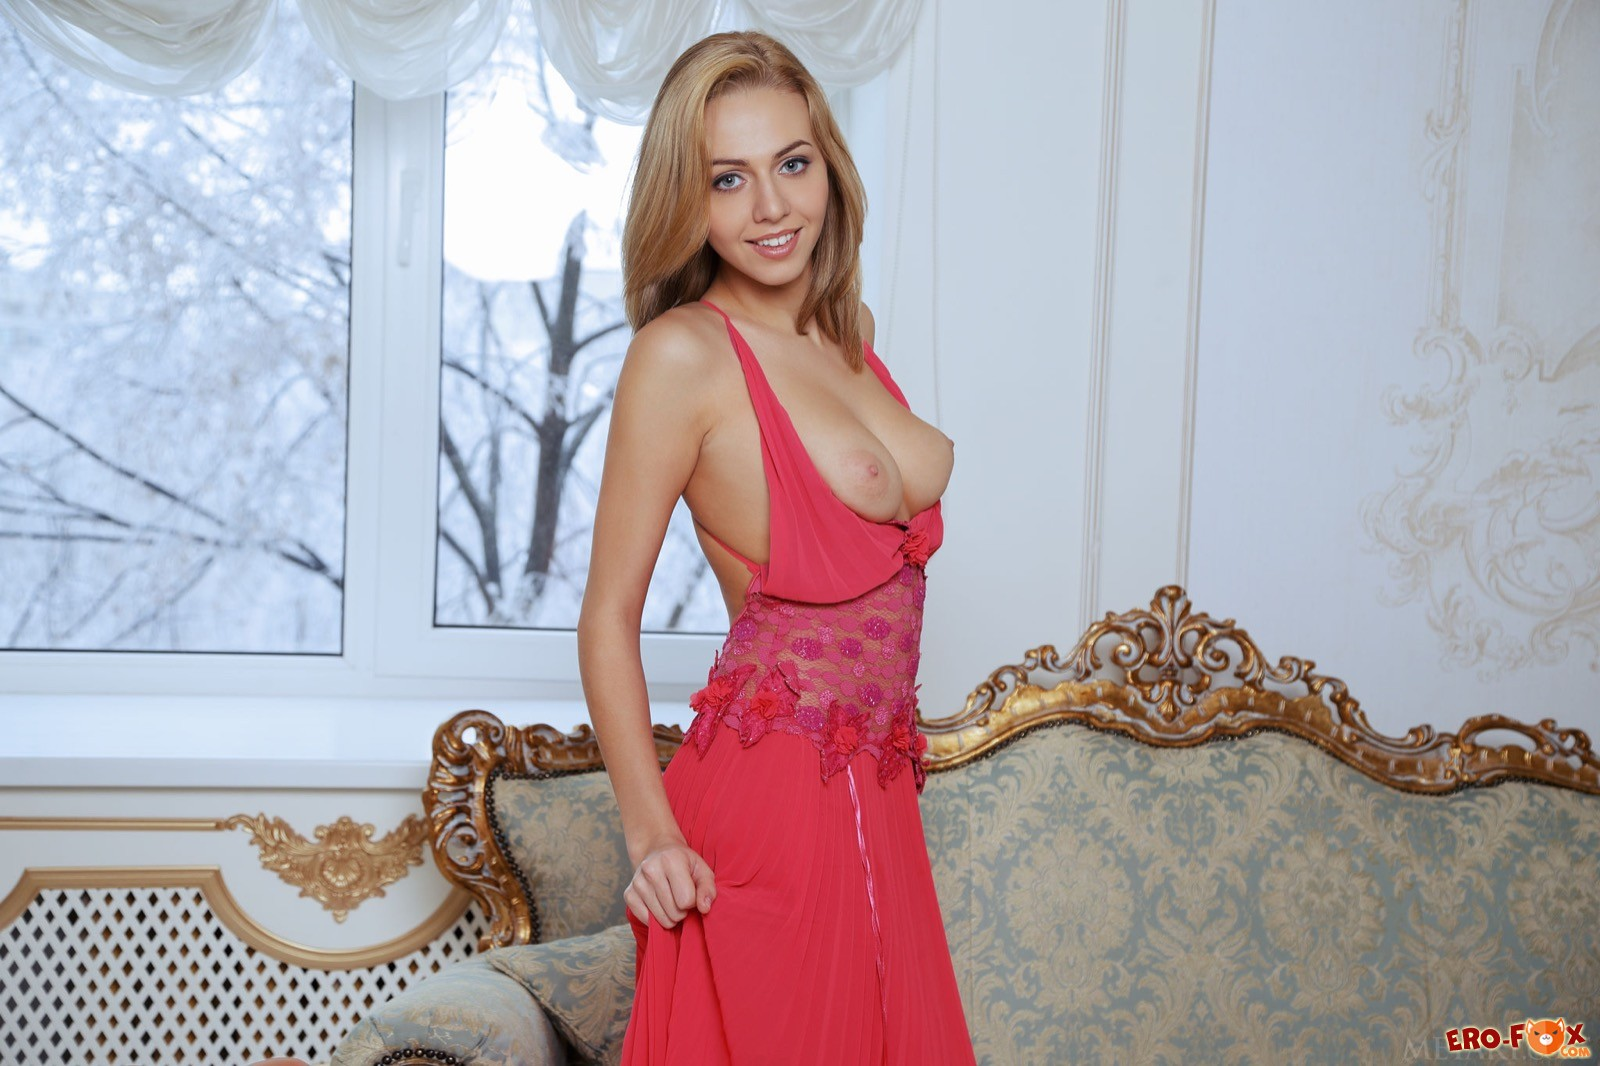 Привлекательная красотка сняв платье показала попку